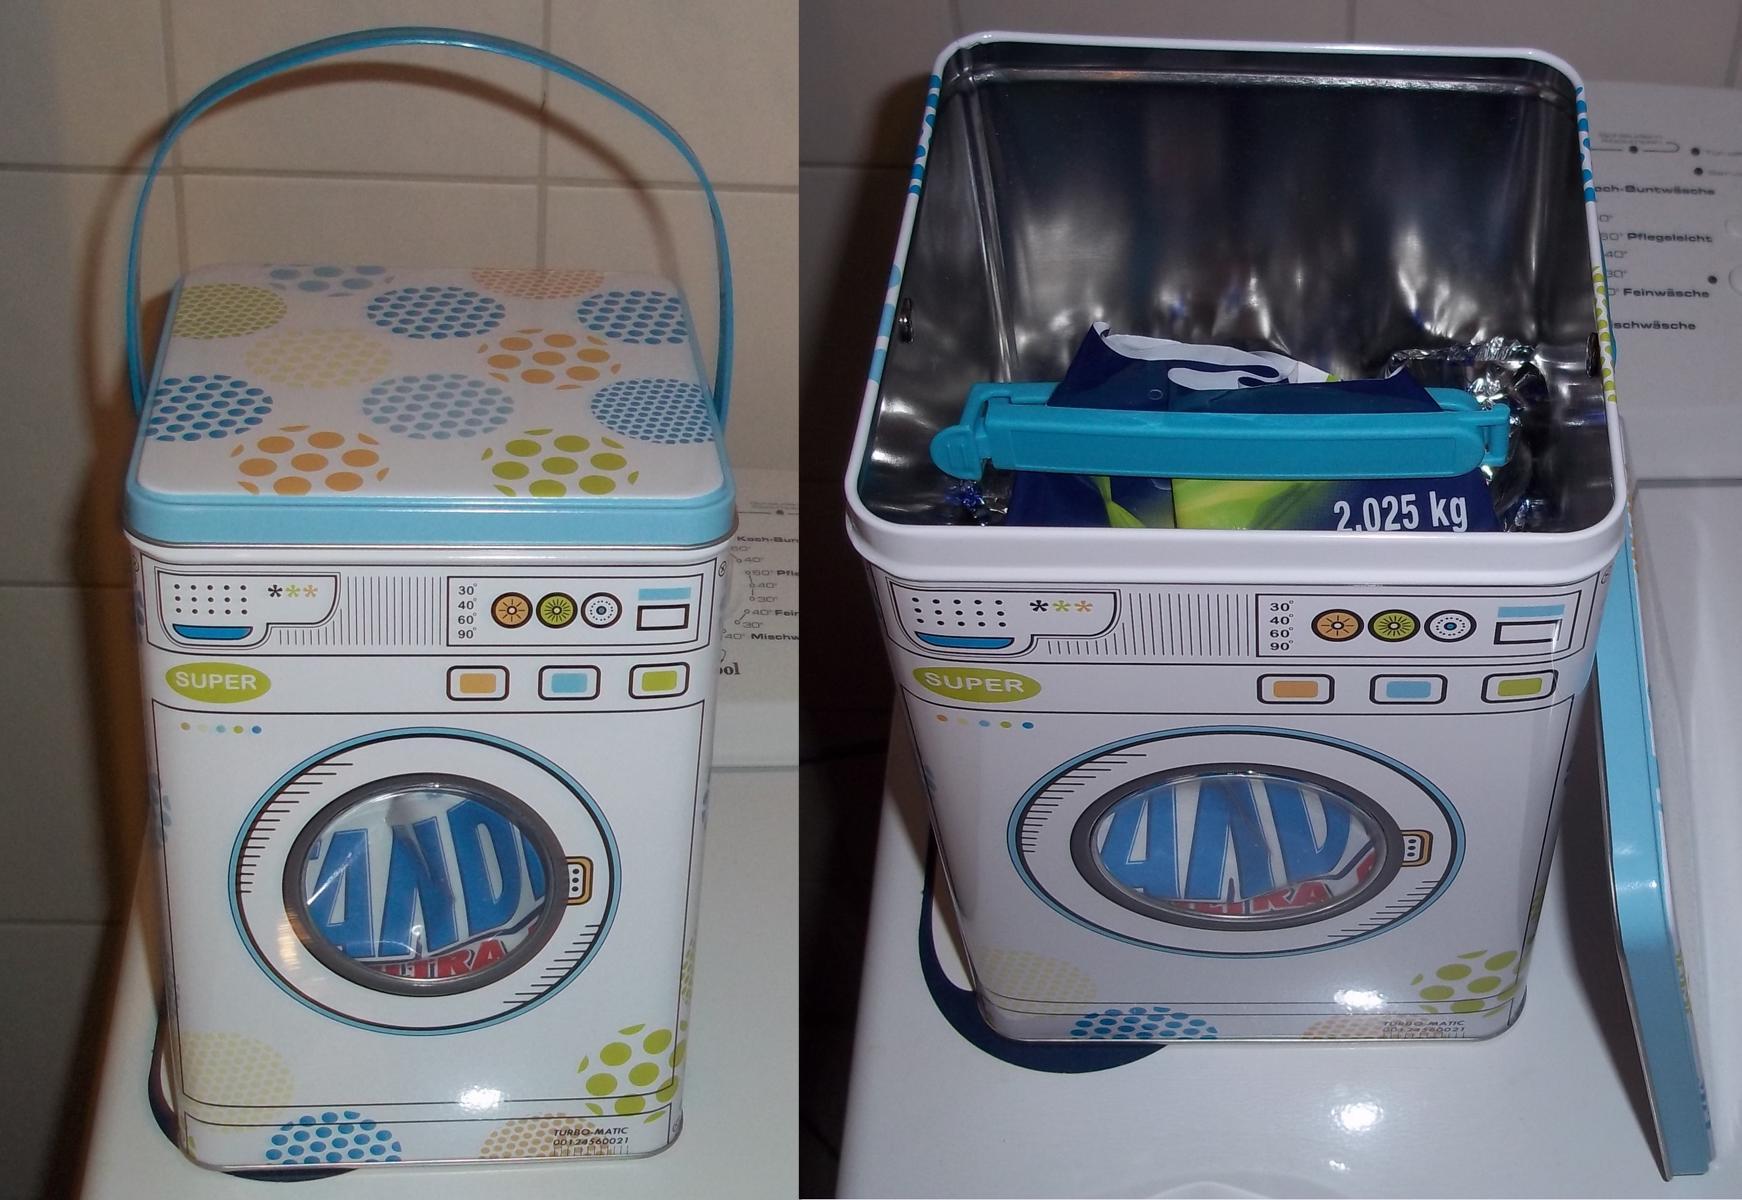 worin bewahrt ihr euer waschmittel auf haushalt aufbewahrung dose. Black Bedroom Furniture Sets. Home Design Ideas